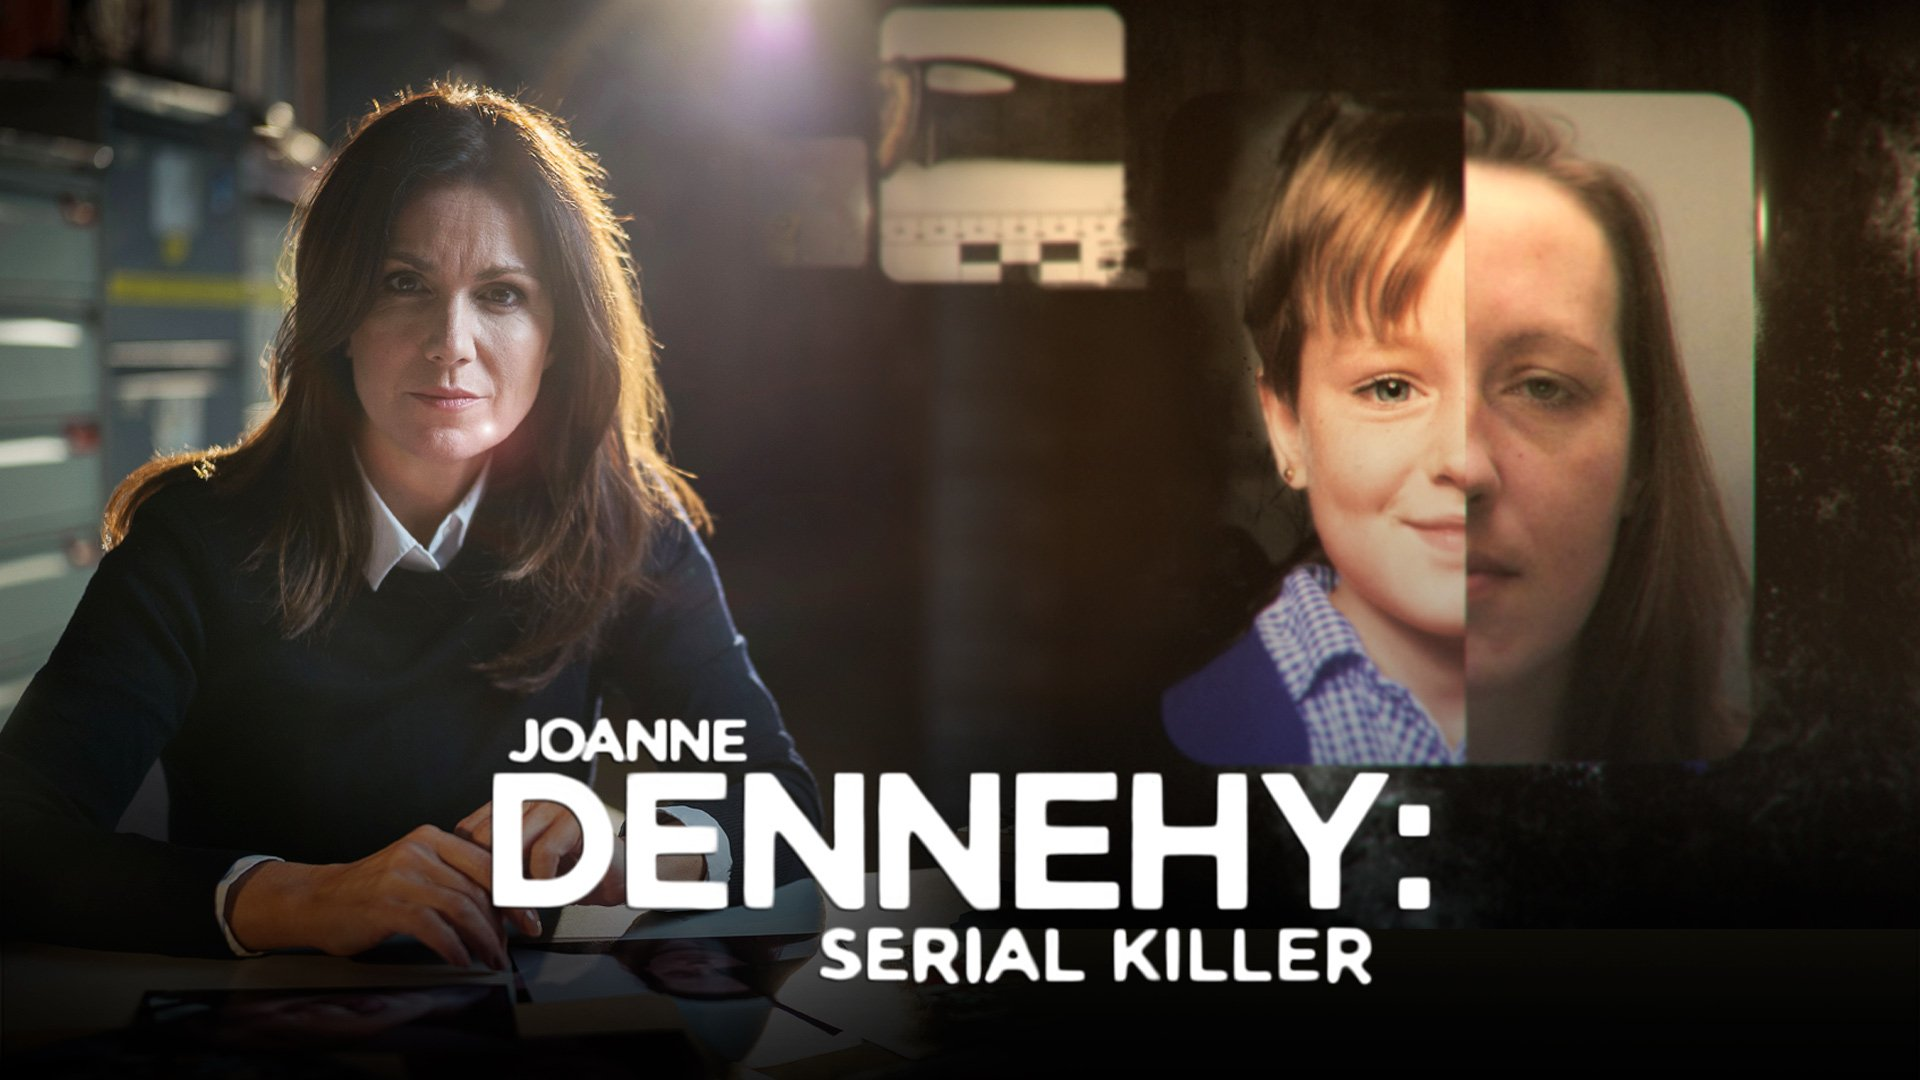 Joanne Dennehy: Serial Killer on BritBox UK